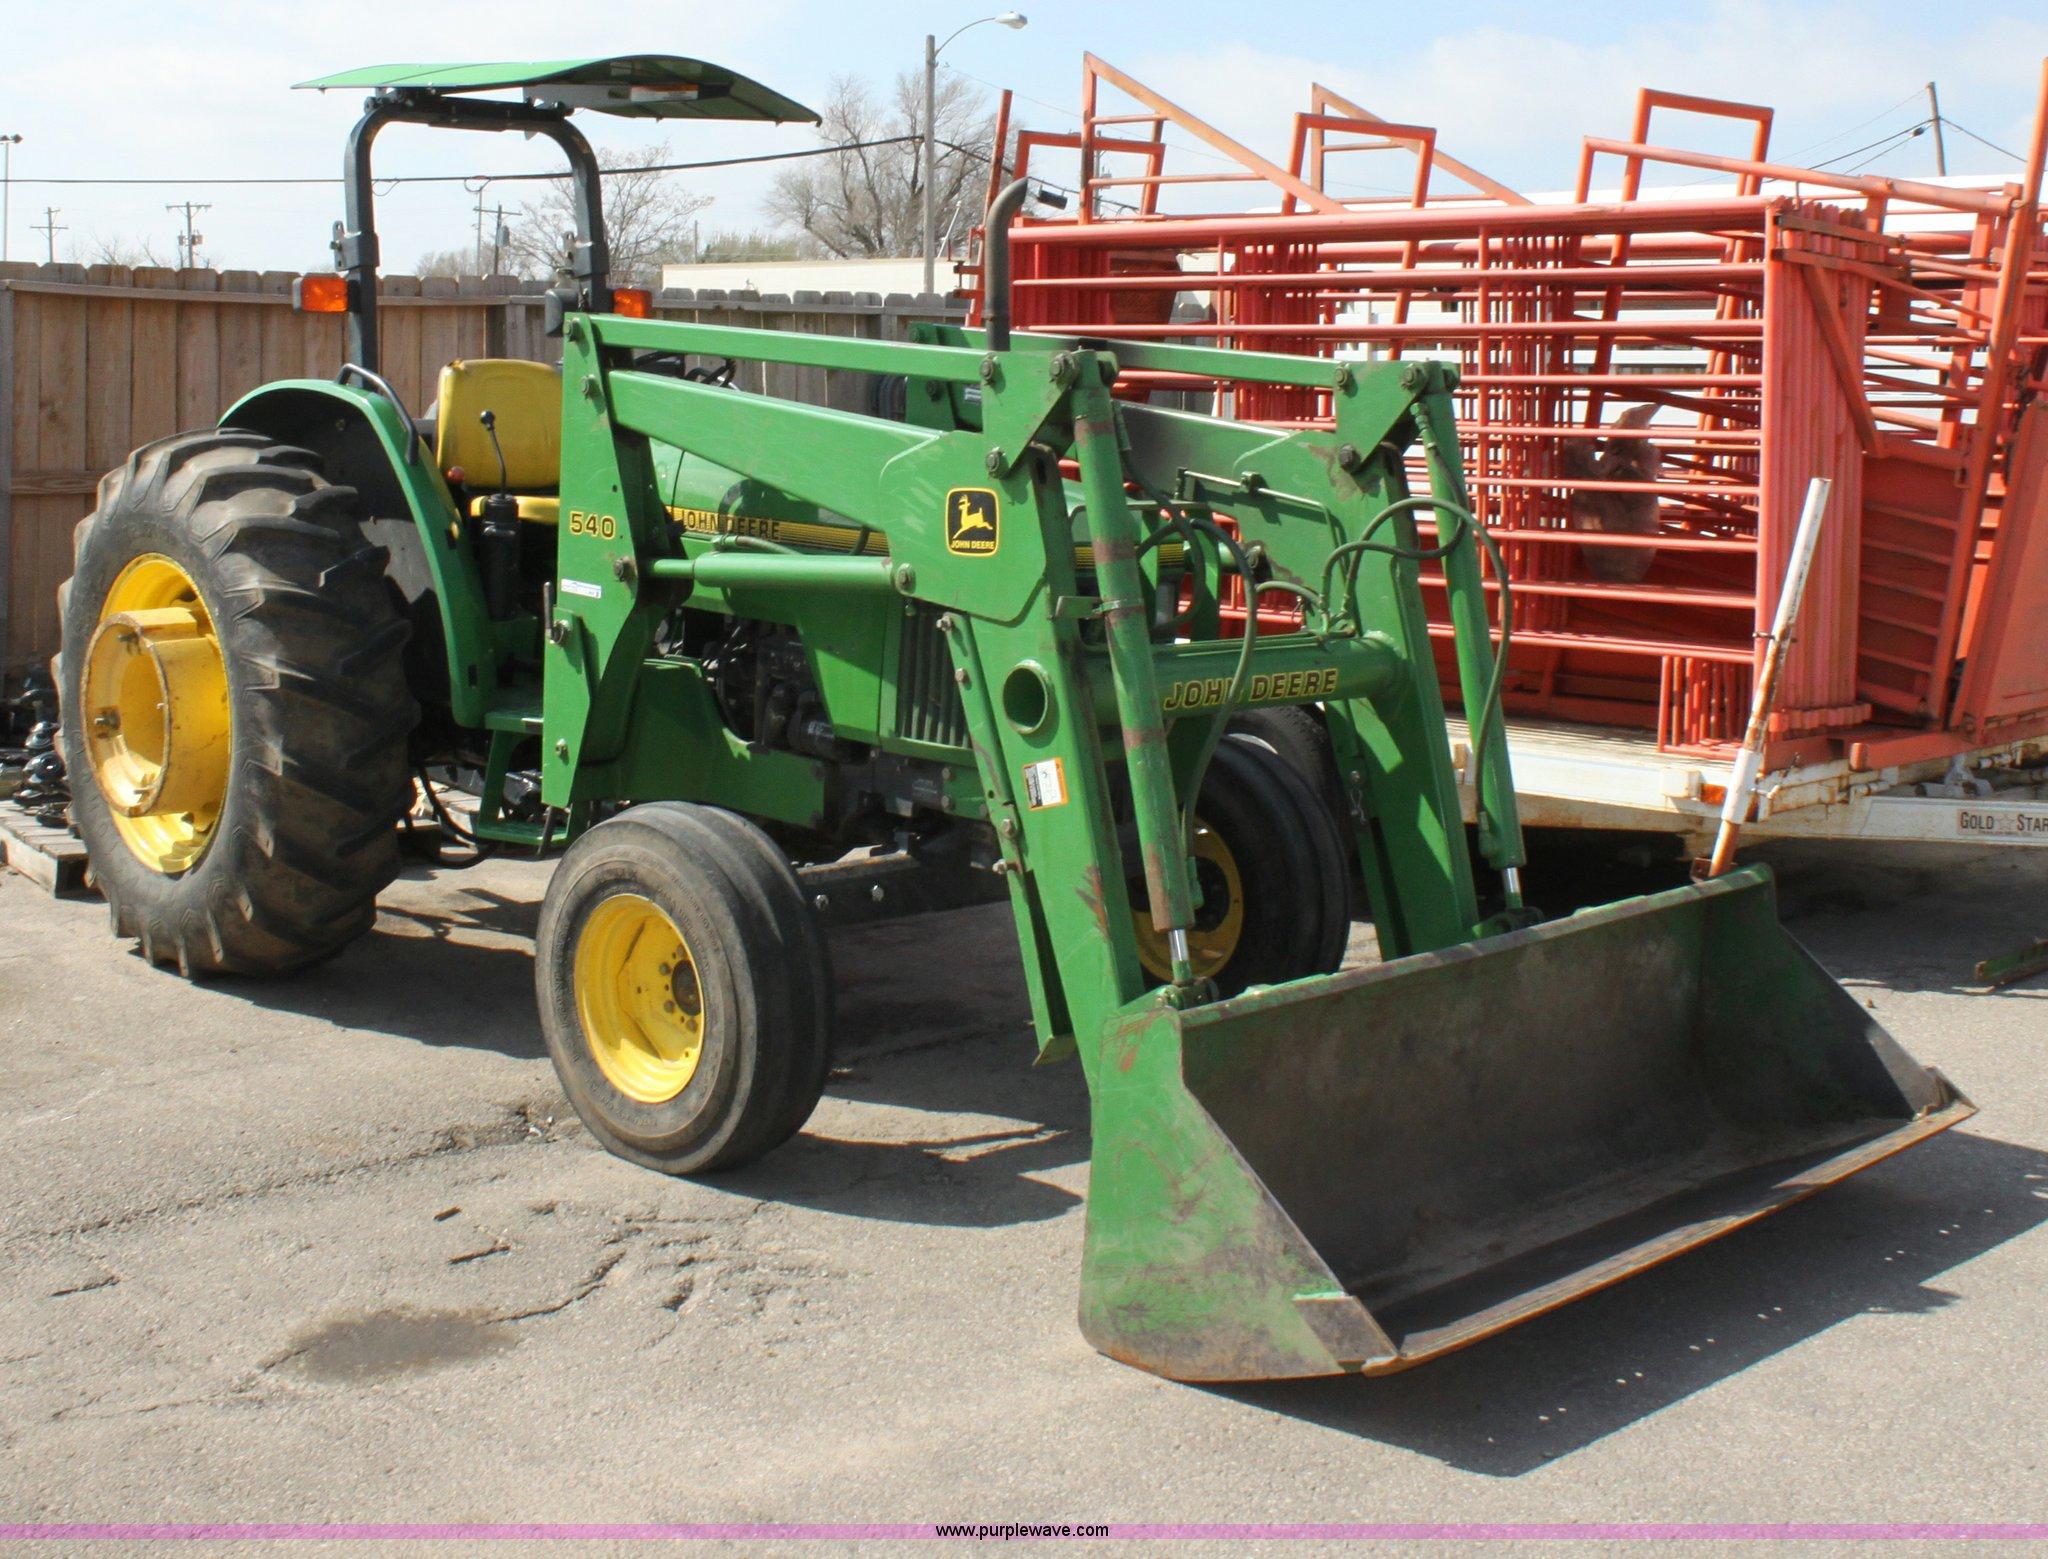 1997 John Deere 5400 Tractor Item L9606 Sold April 11 A. L9606 For Item 1997 John Deere 5400 Tractor. John Deere. John Deere 5400 Tractor Parts Diagram At Scoala.co